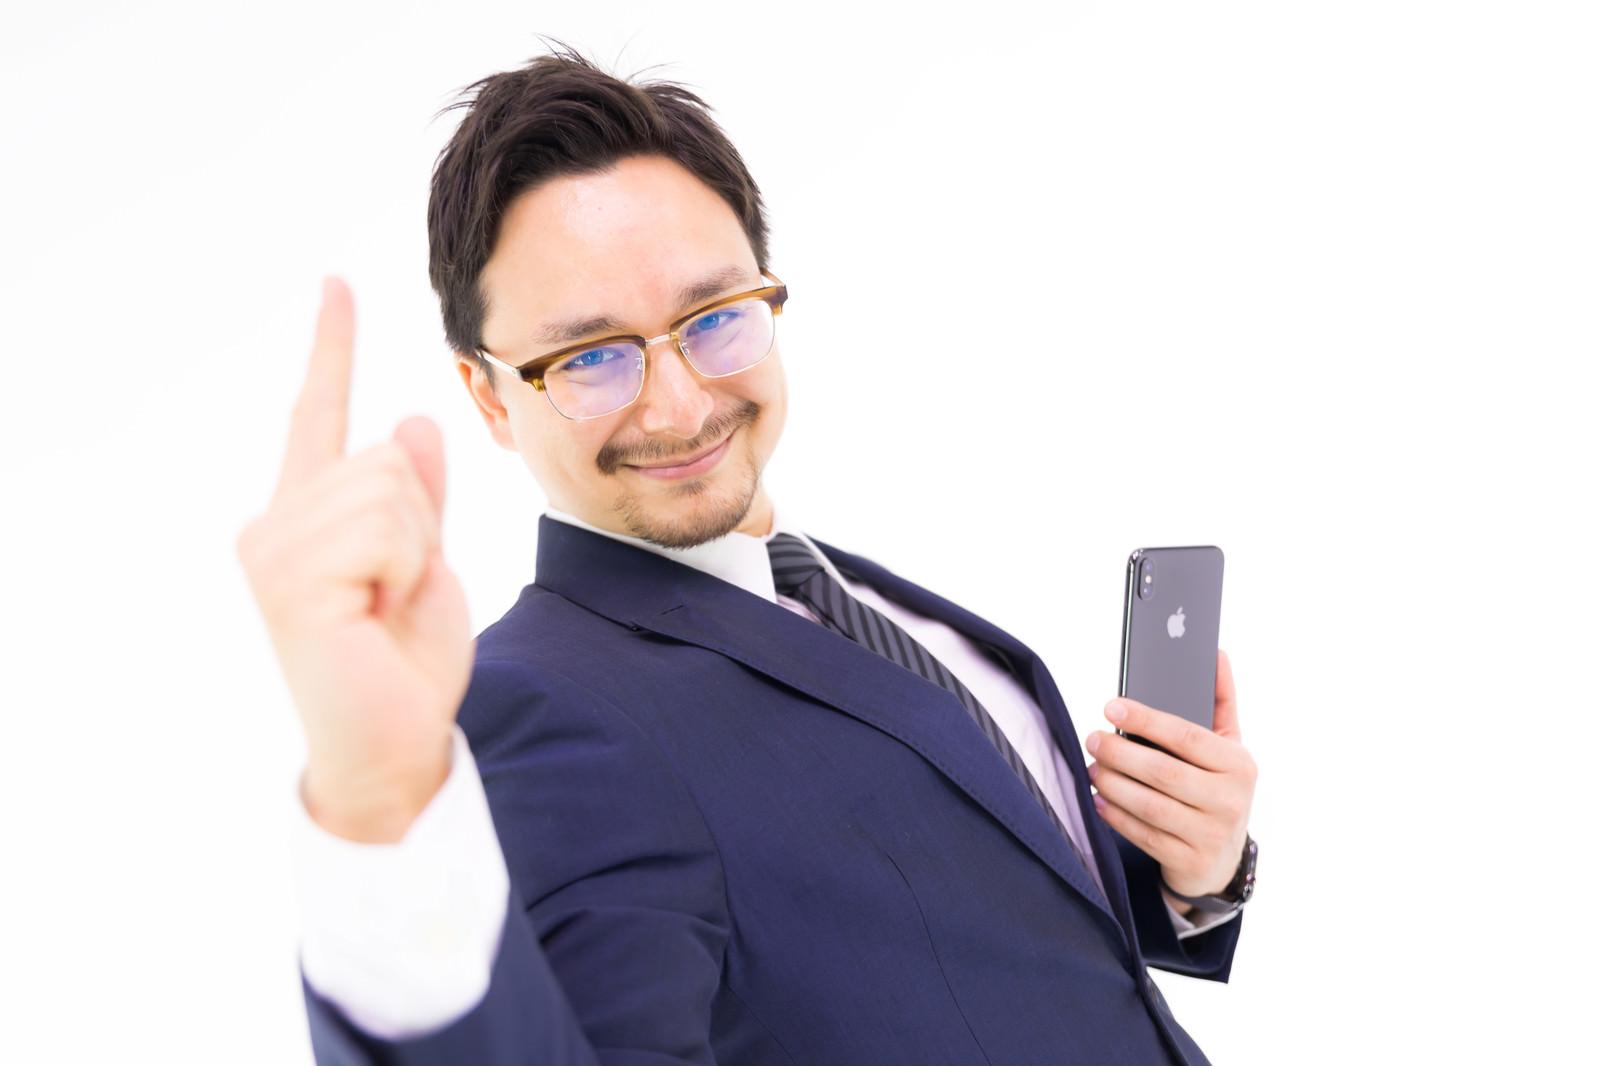 「iPhone XS Max を手に入れたマックス」の写真[モデル:Max_Ezaki]